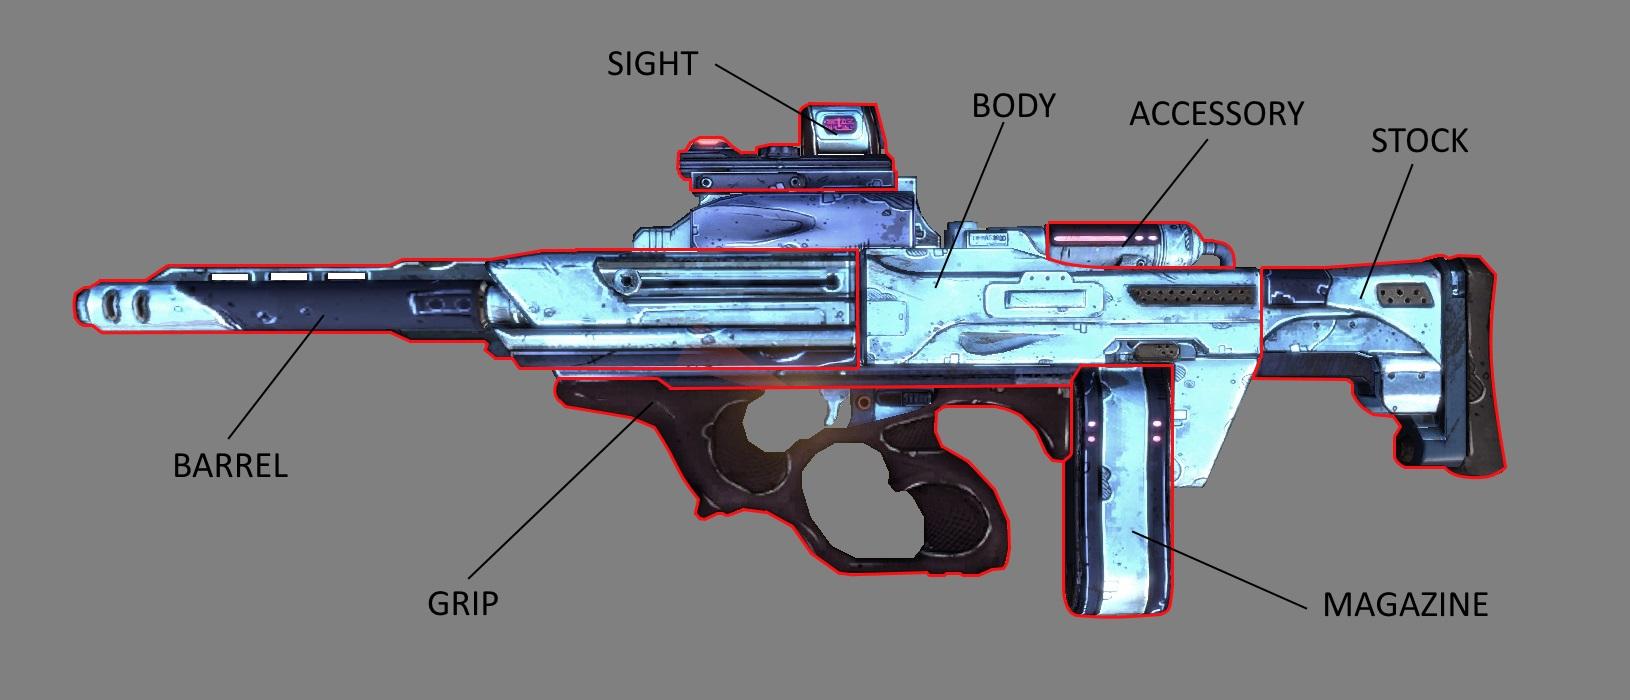 Submachine Gun/parts | Borderlands Wiki | FANDOM powered by Wikia